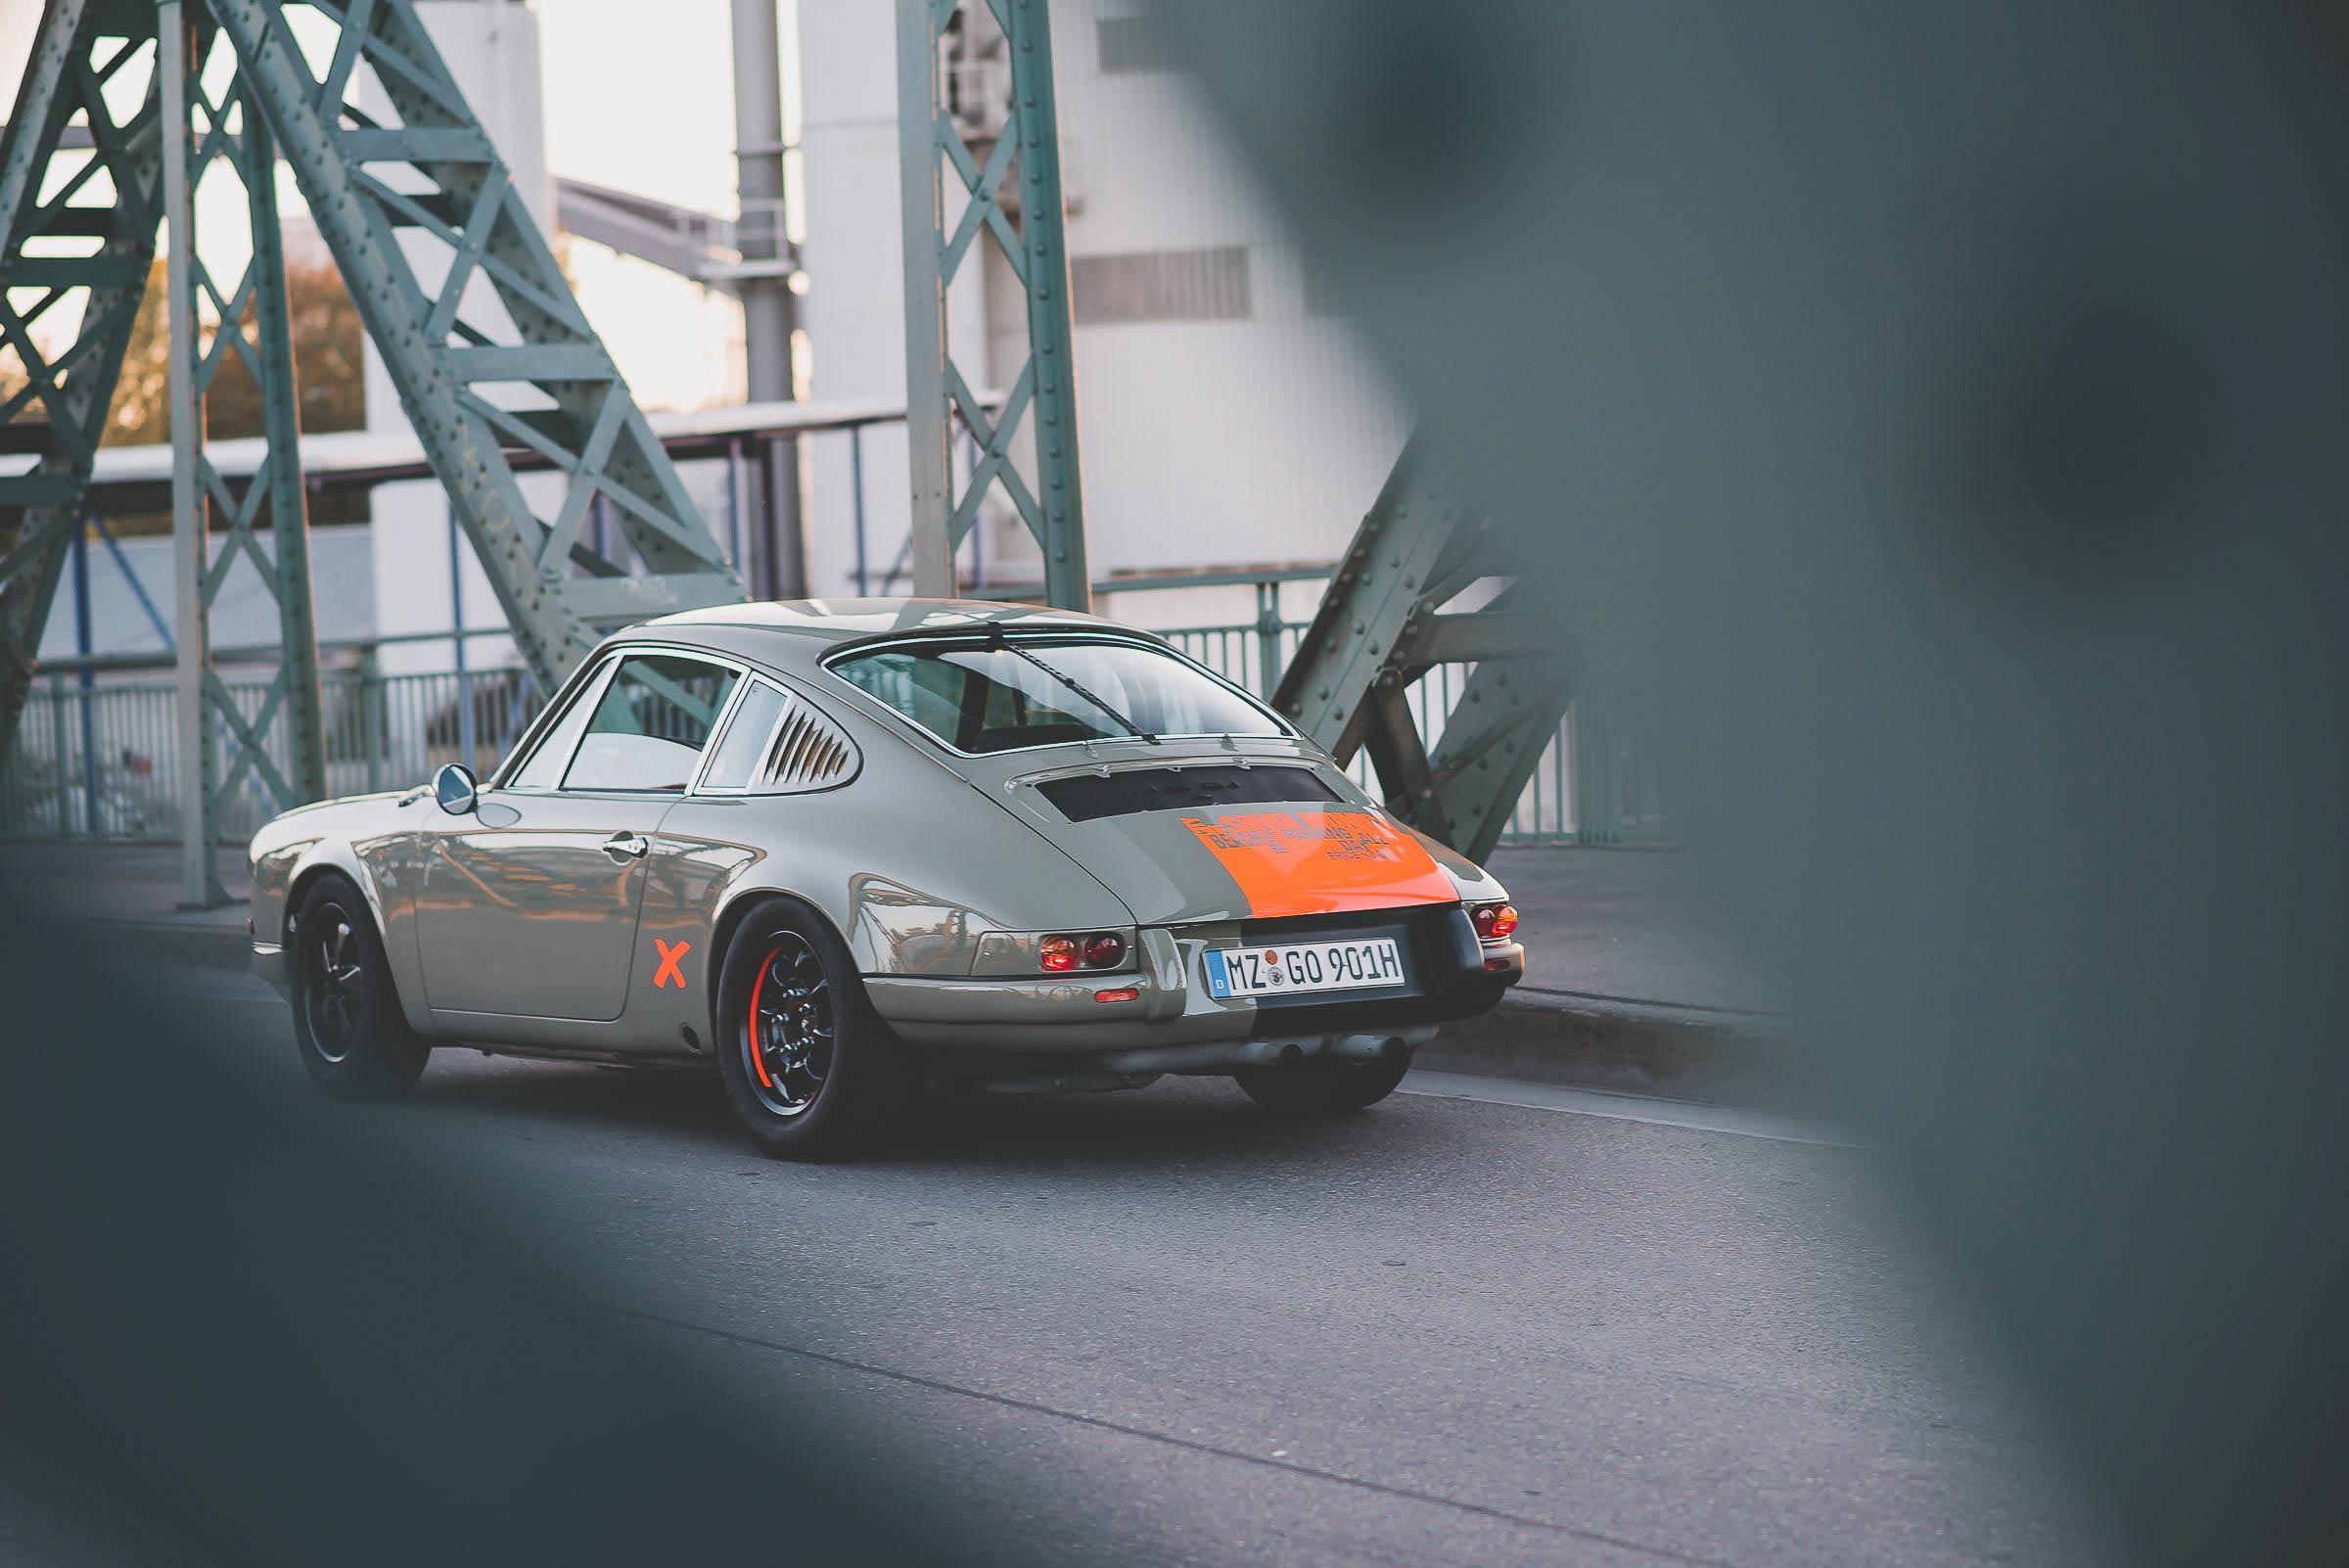 Porsche 911 von Markus Haub © 2018 Steffanie Rheinstahl